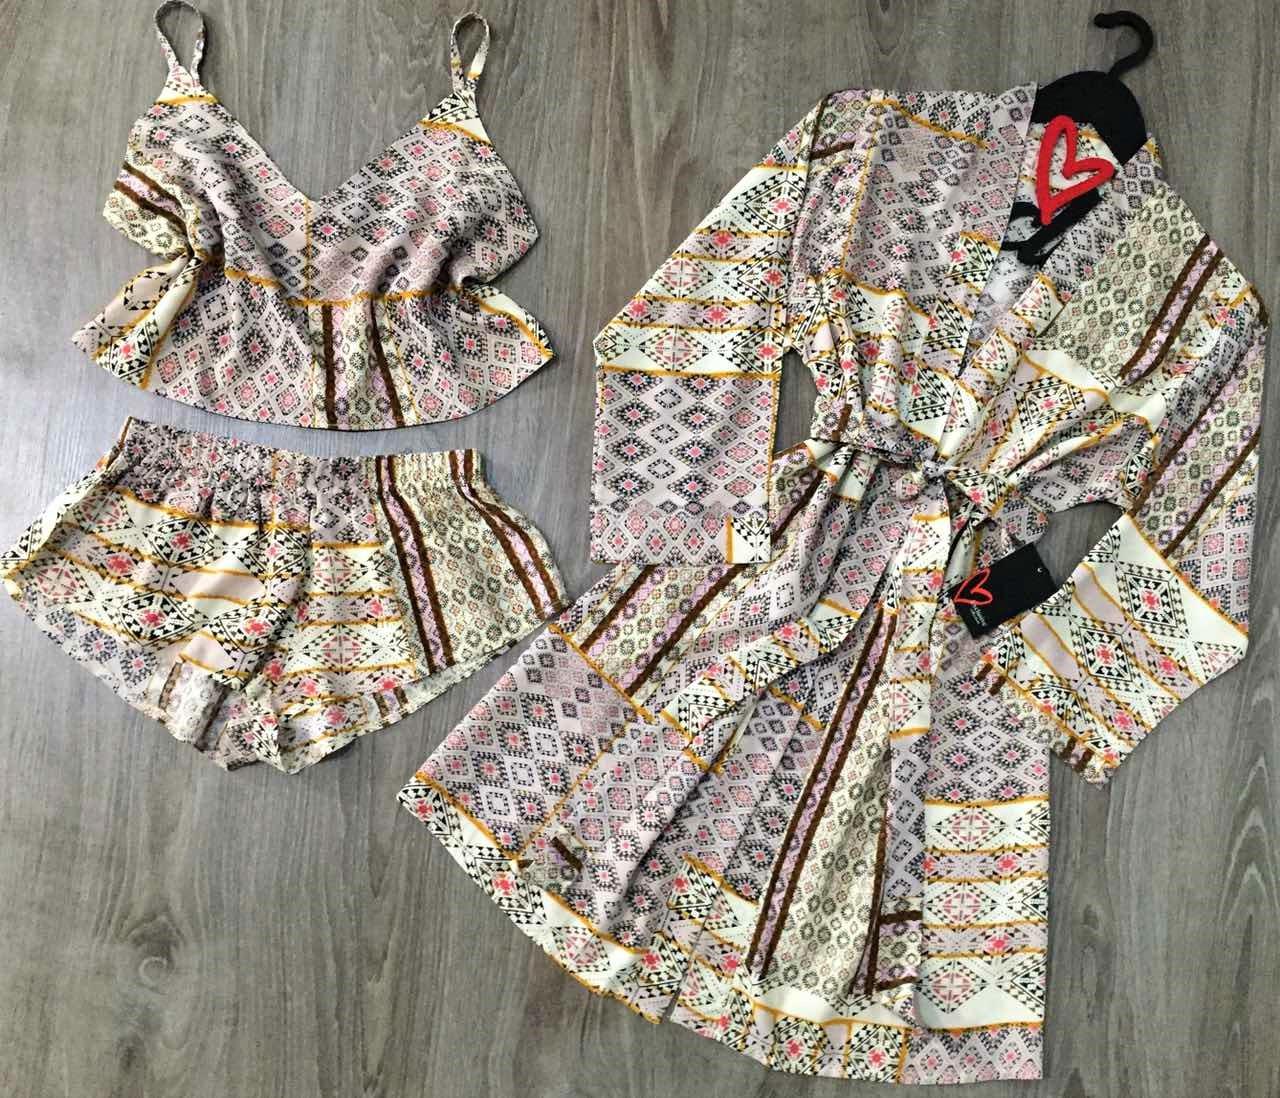 Комплект халат+топ+шорты с рисунком, летняя домашняя одежда.